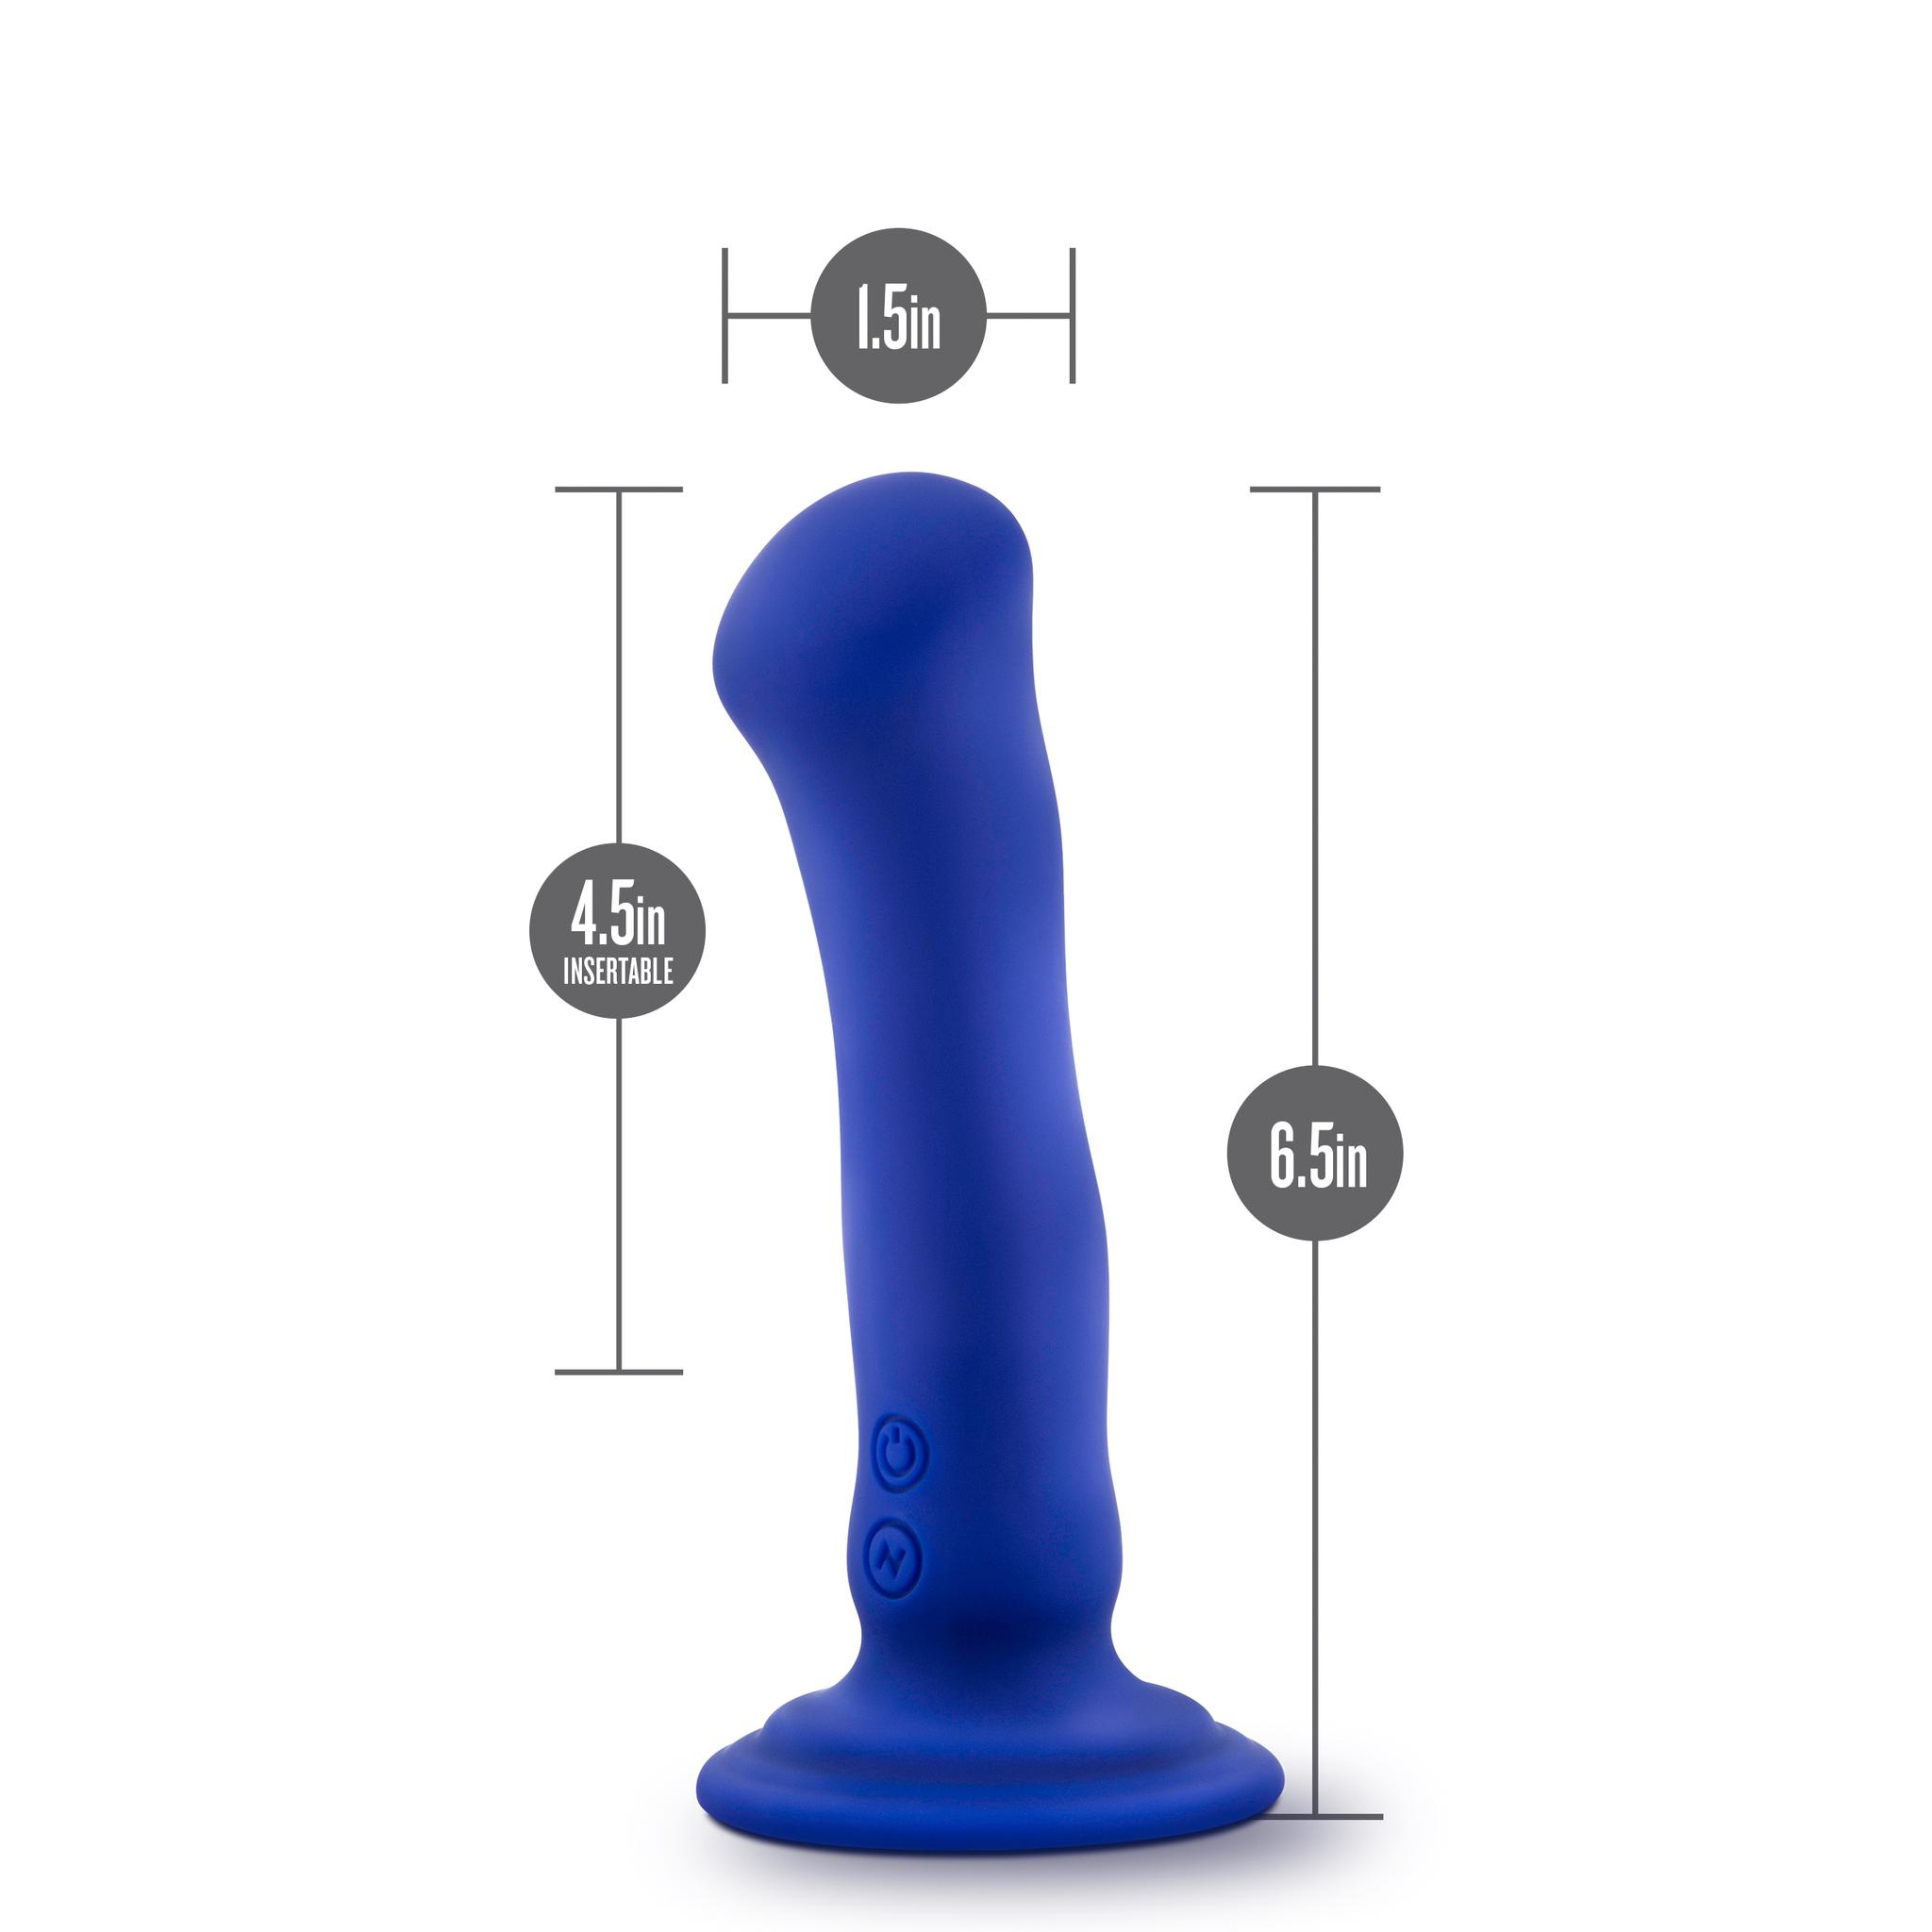 IMPRESSIONS N2 BLUE